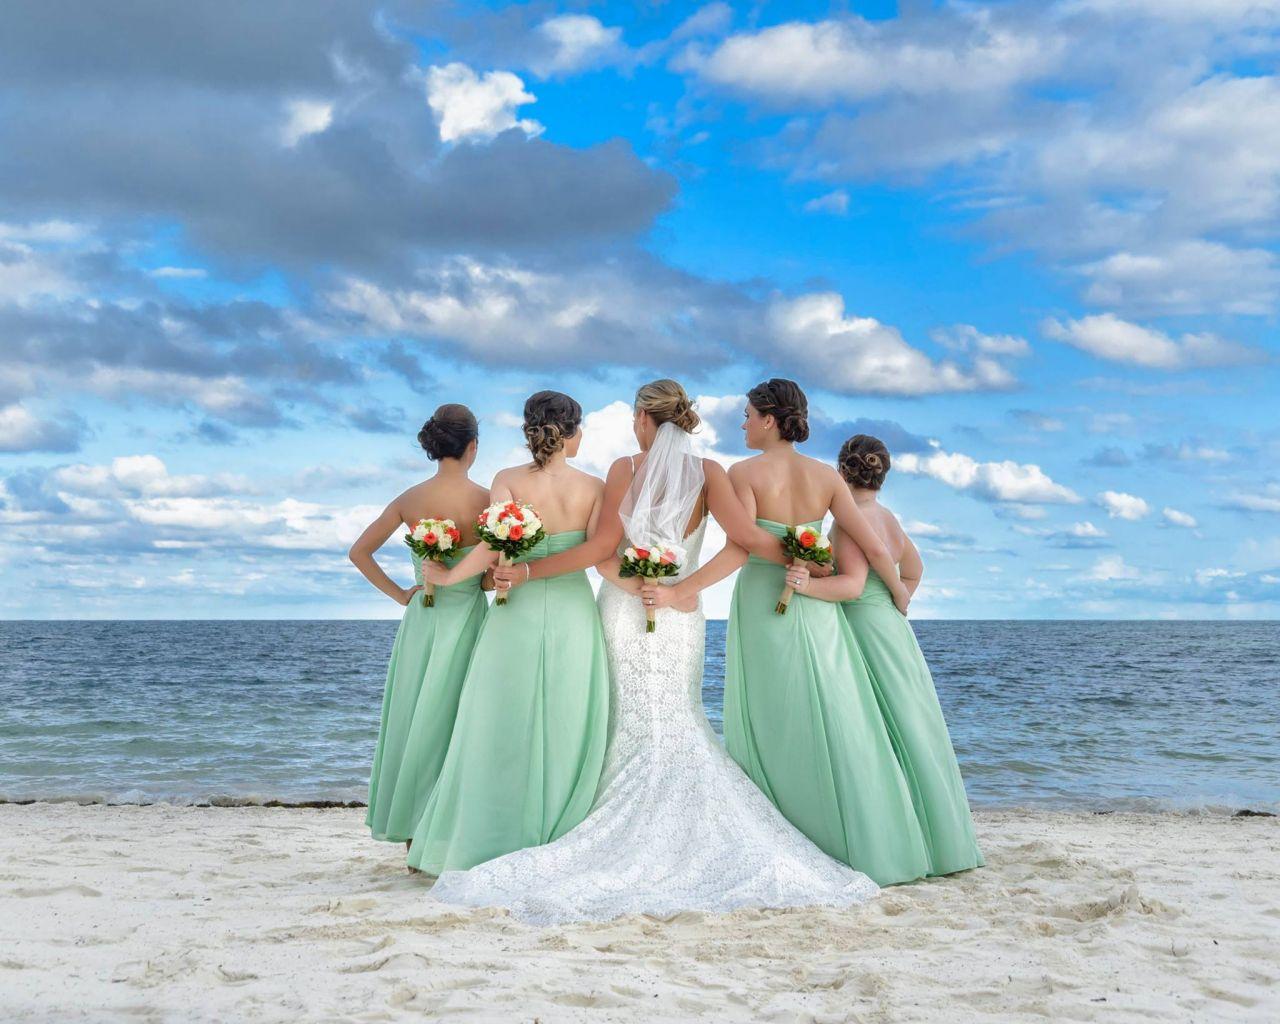 Matrimonio Simbolico En La Playa : Tendrás una boda de playa durante el aspectos a